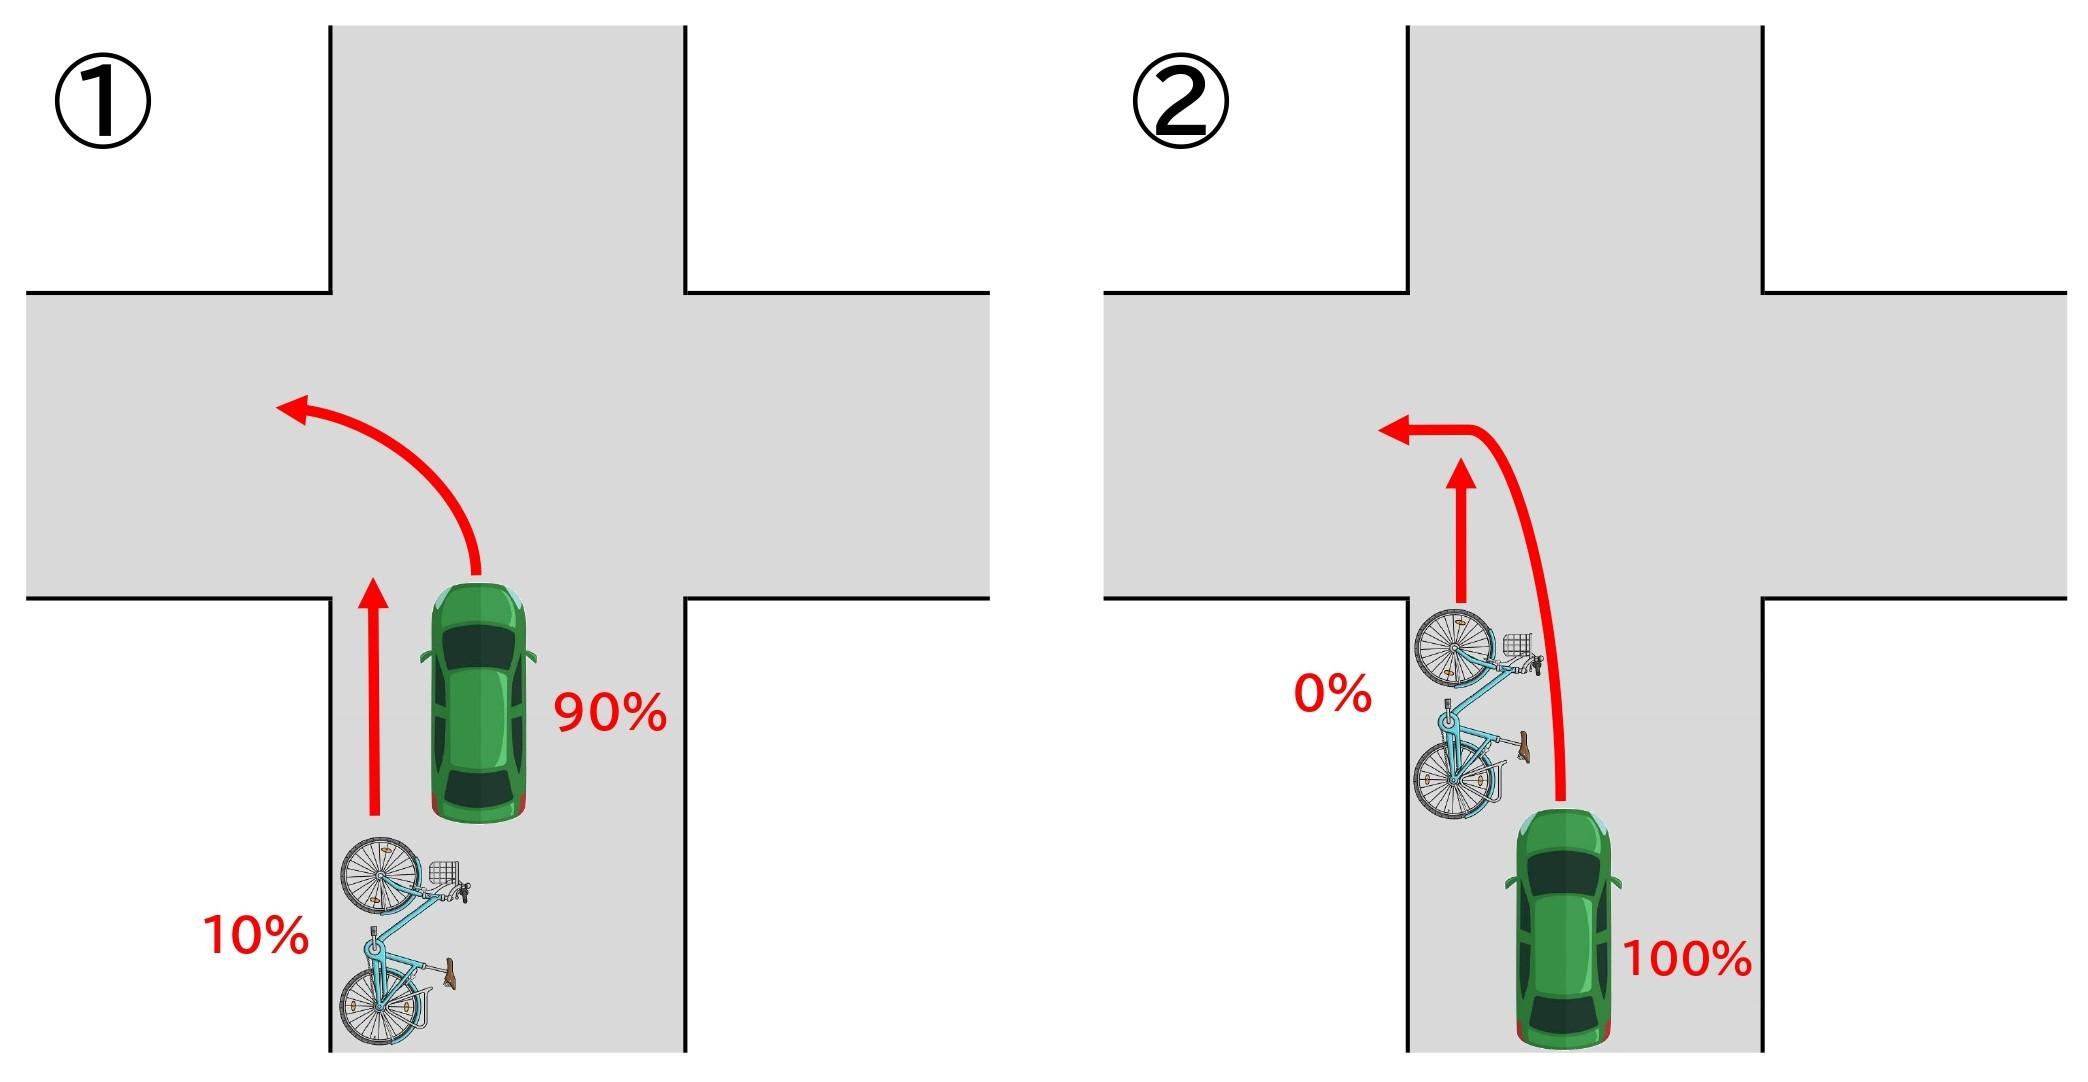 【図】自転車と車/交差点/左折と直進/同一方向